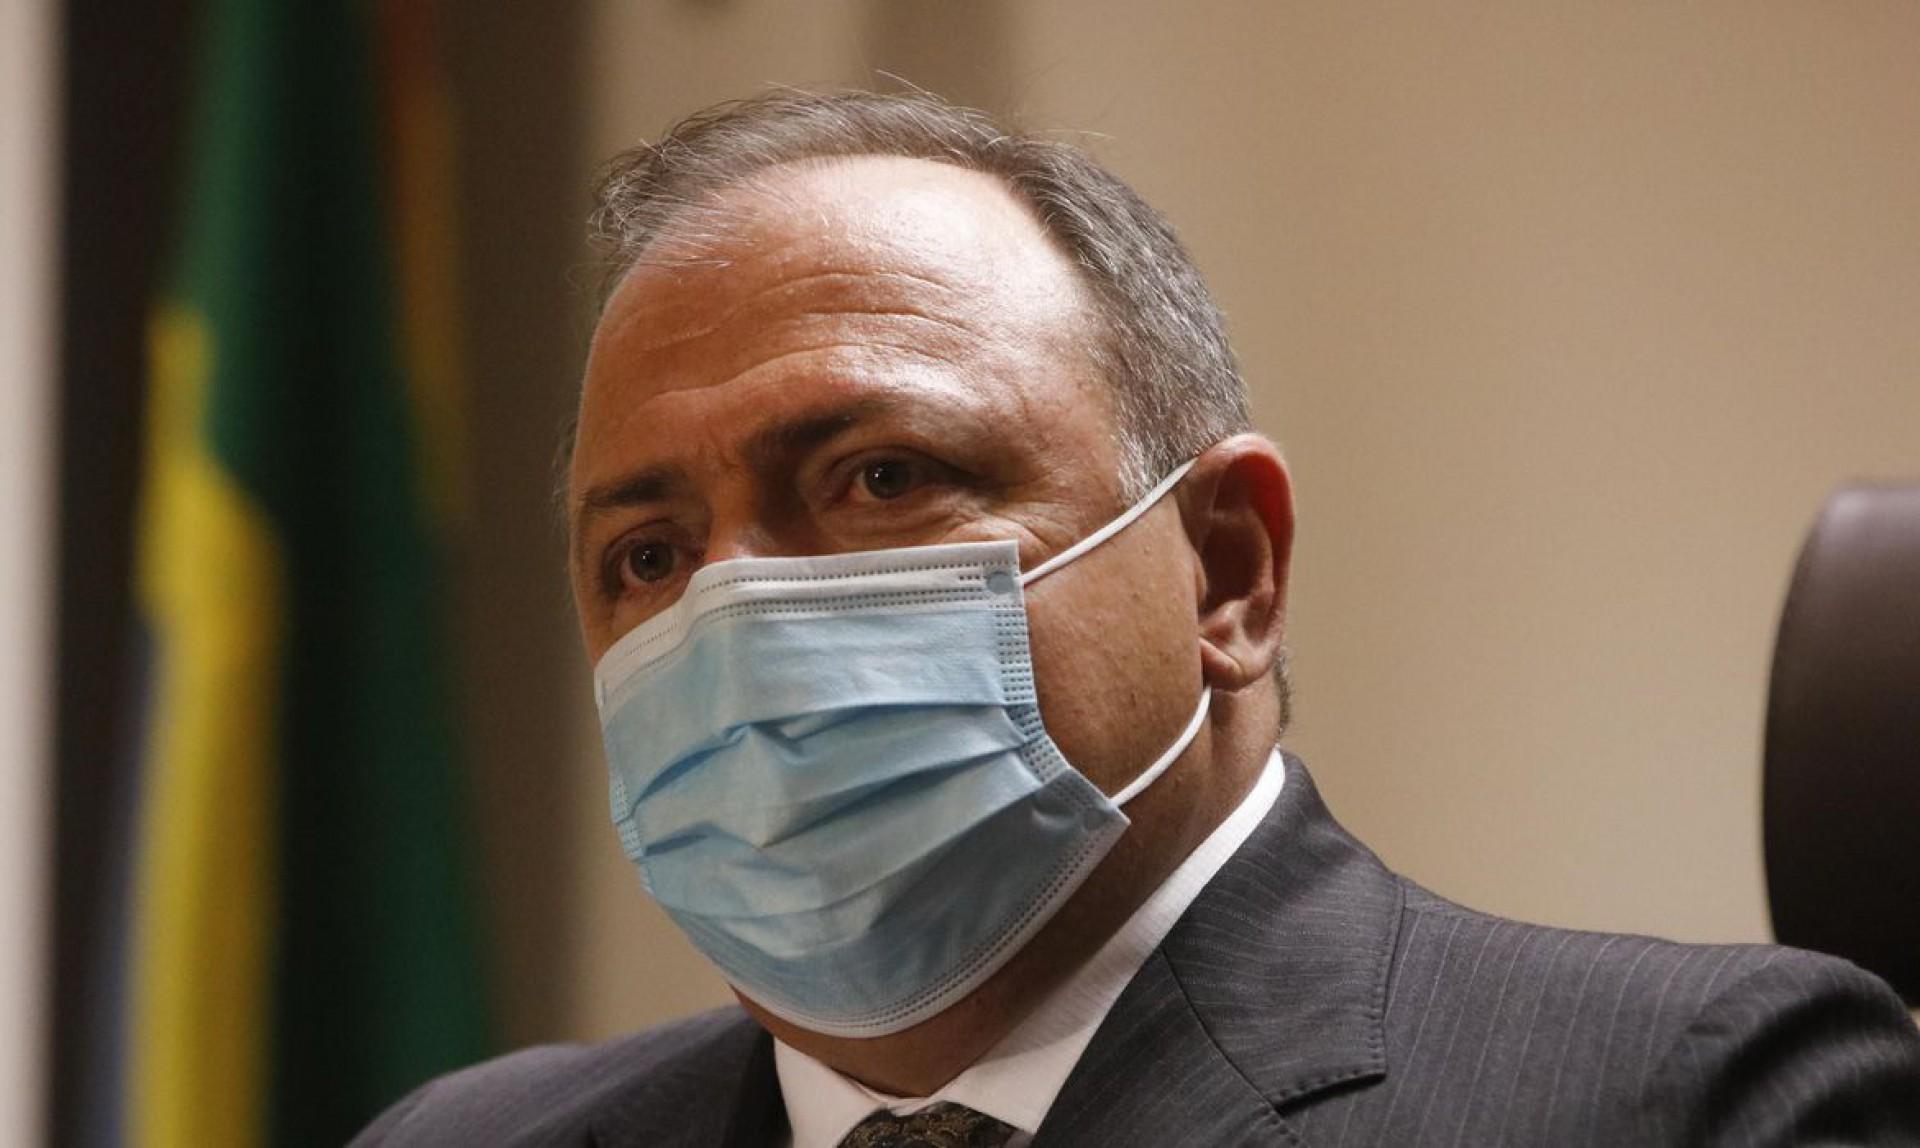 O ministro da Saúde, Eduardo Pazuello, em entrevista coletiva no Instituto de Traumatologia e Ortopedia (Into) no Rio de Janeiro. (Foto: Tânia Rêgo/Agência Brasil)